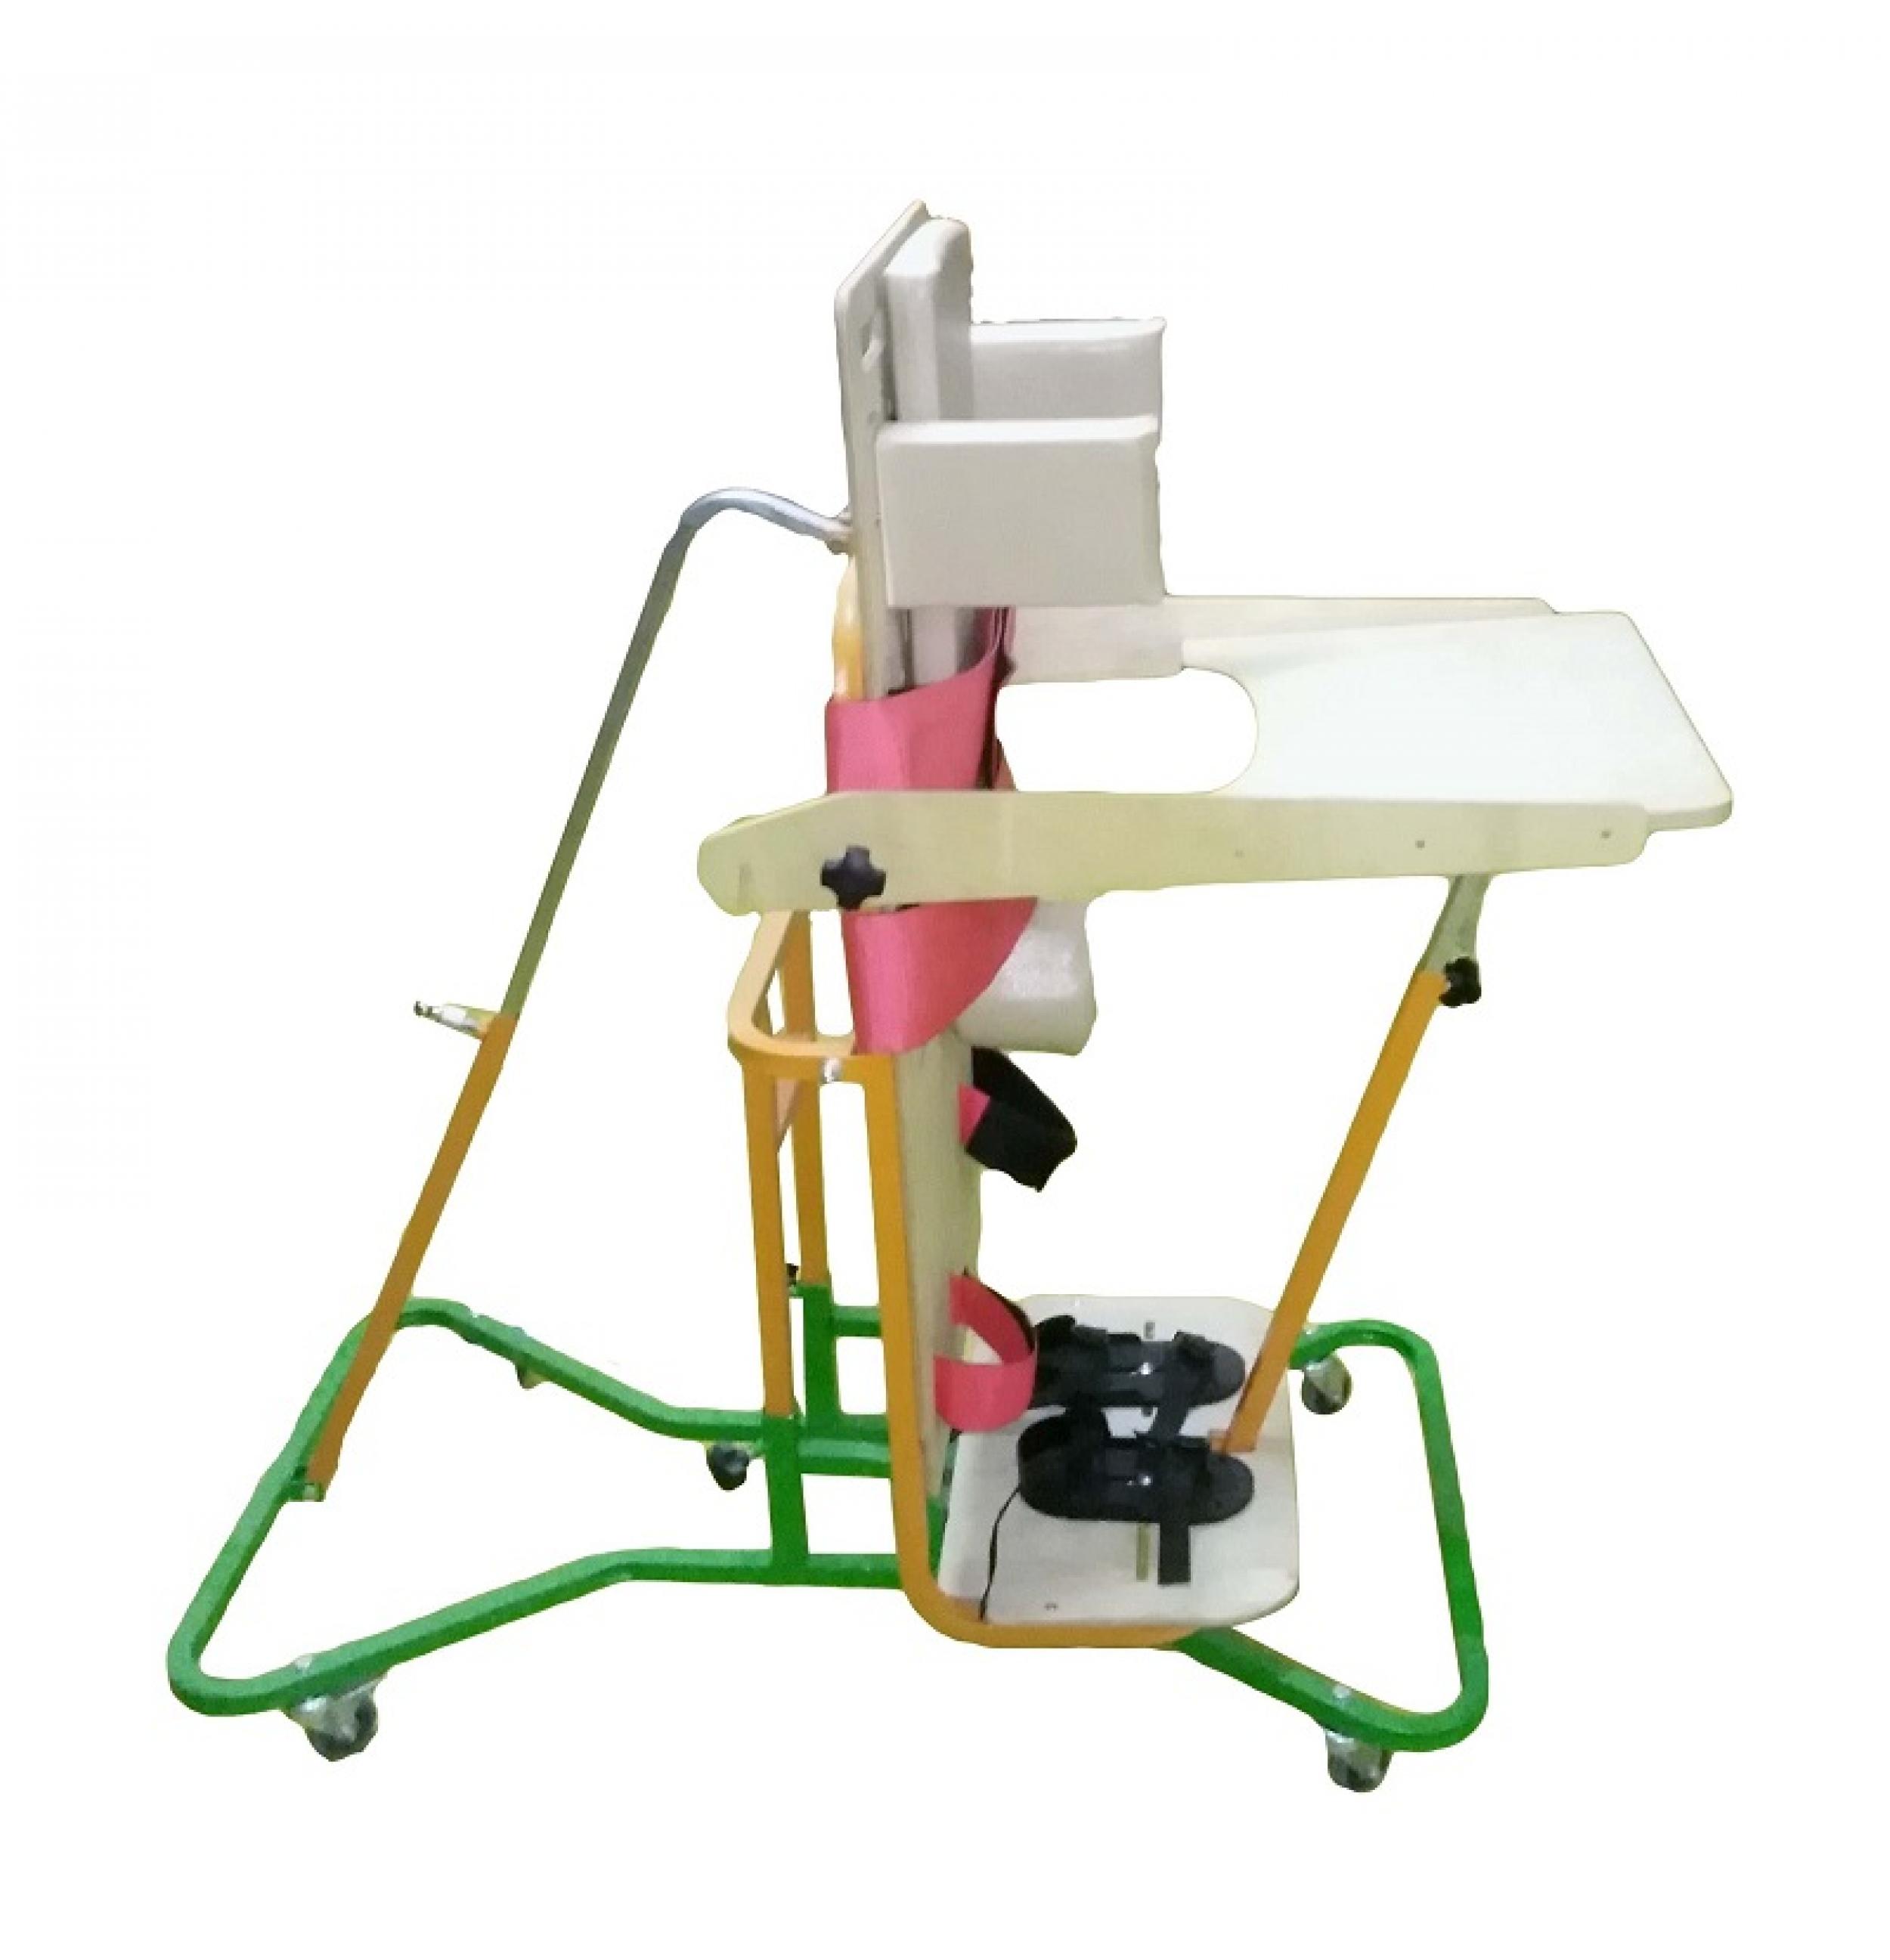 Вертикализатор с обратным наклоном ОС-212 (Размер 0)